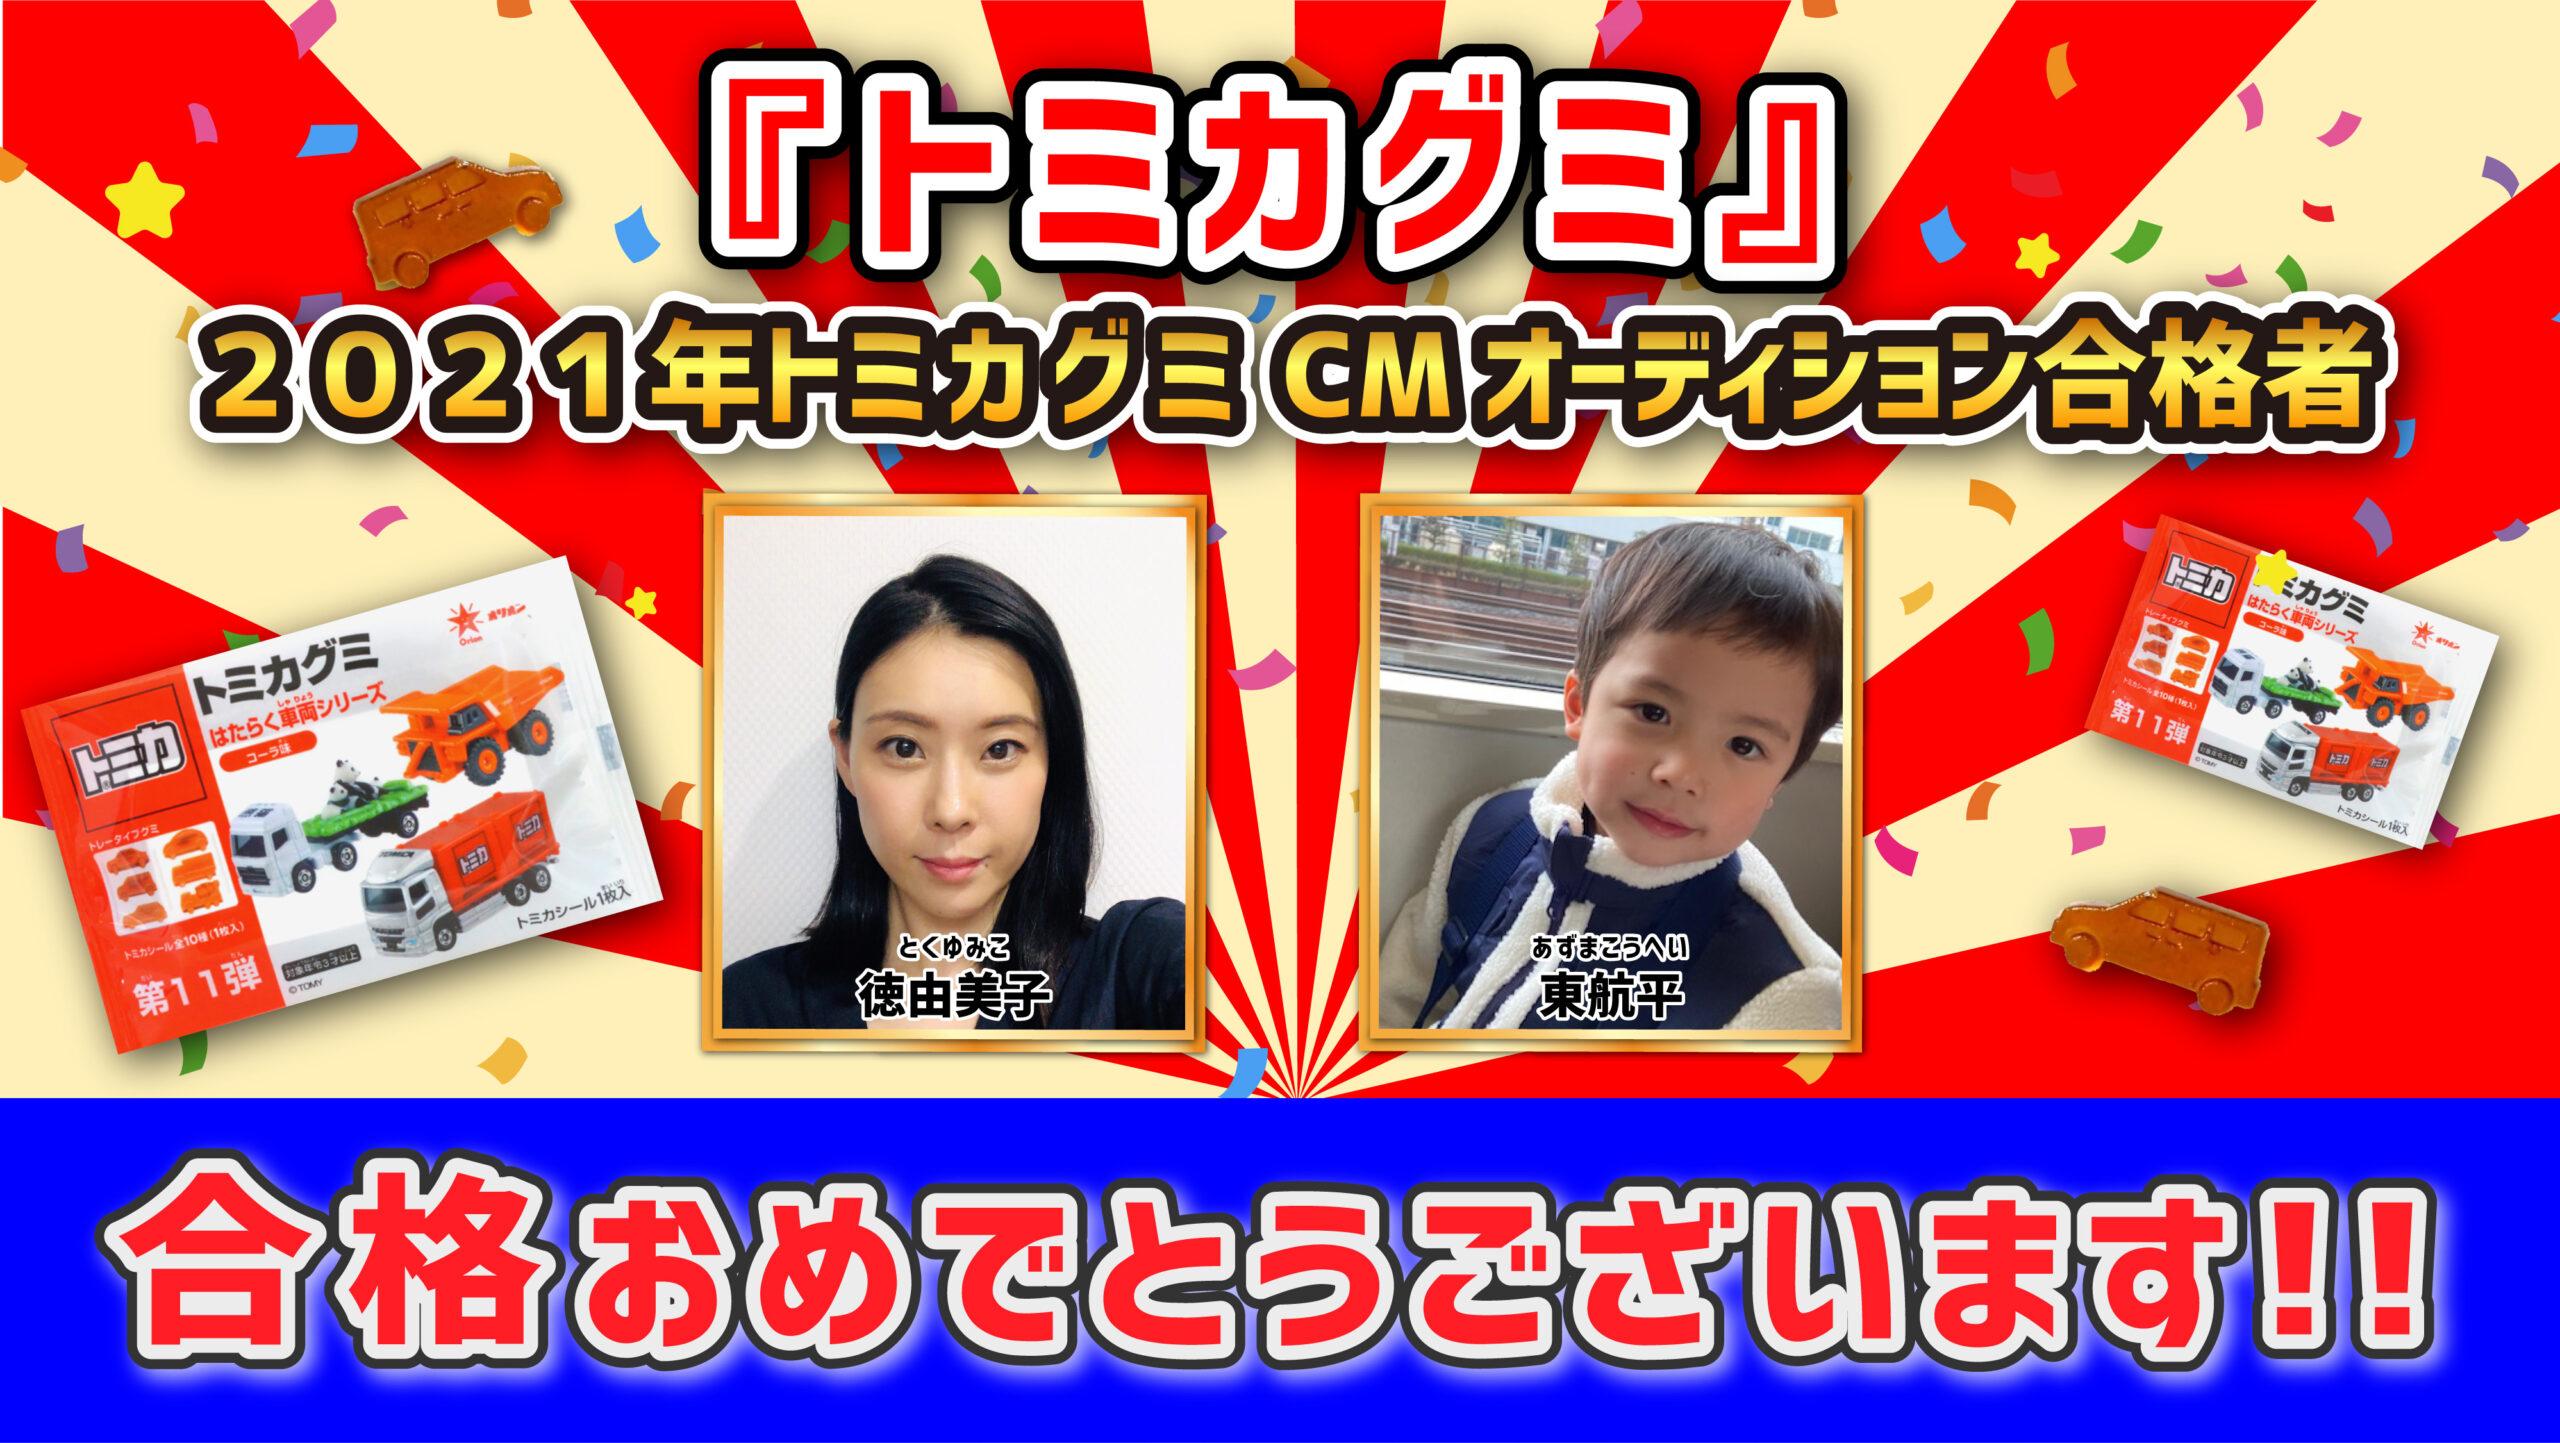 【合格者決定】『トミカグミ2021』TV-CM出演者オーディション